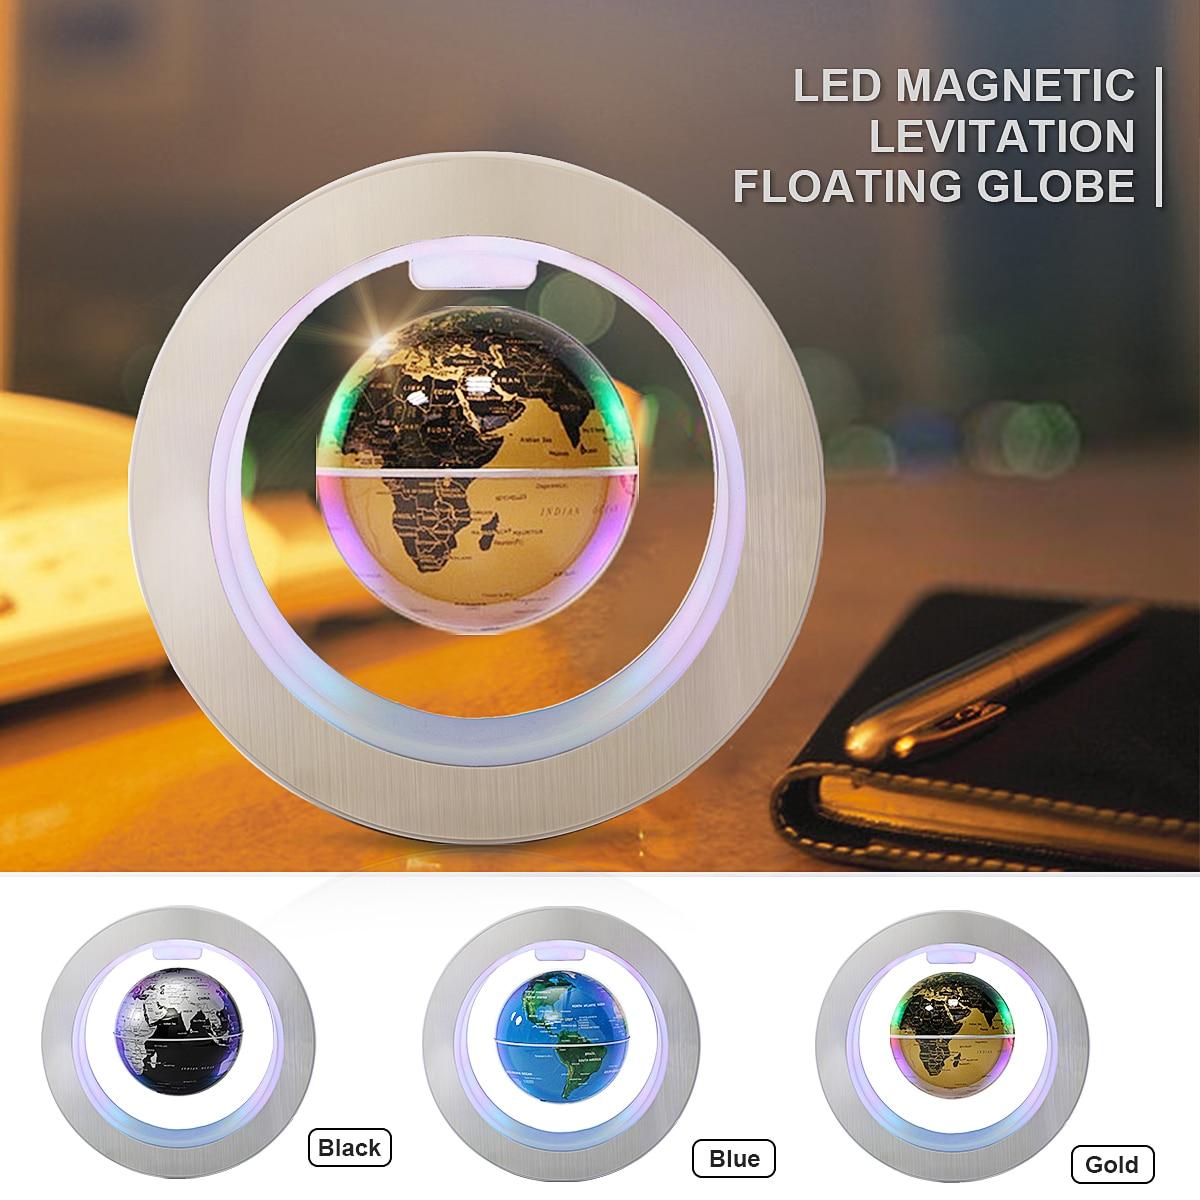 Magnétique Auto rotation Globe Anti-gravité flottant lévitation terre Globe monde carte LED bureau maison décoration ornement